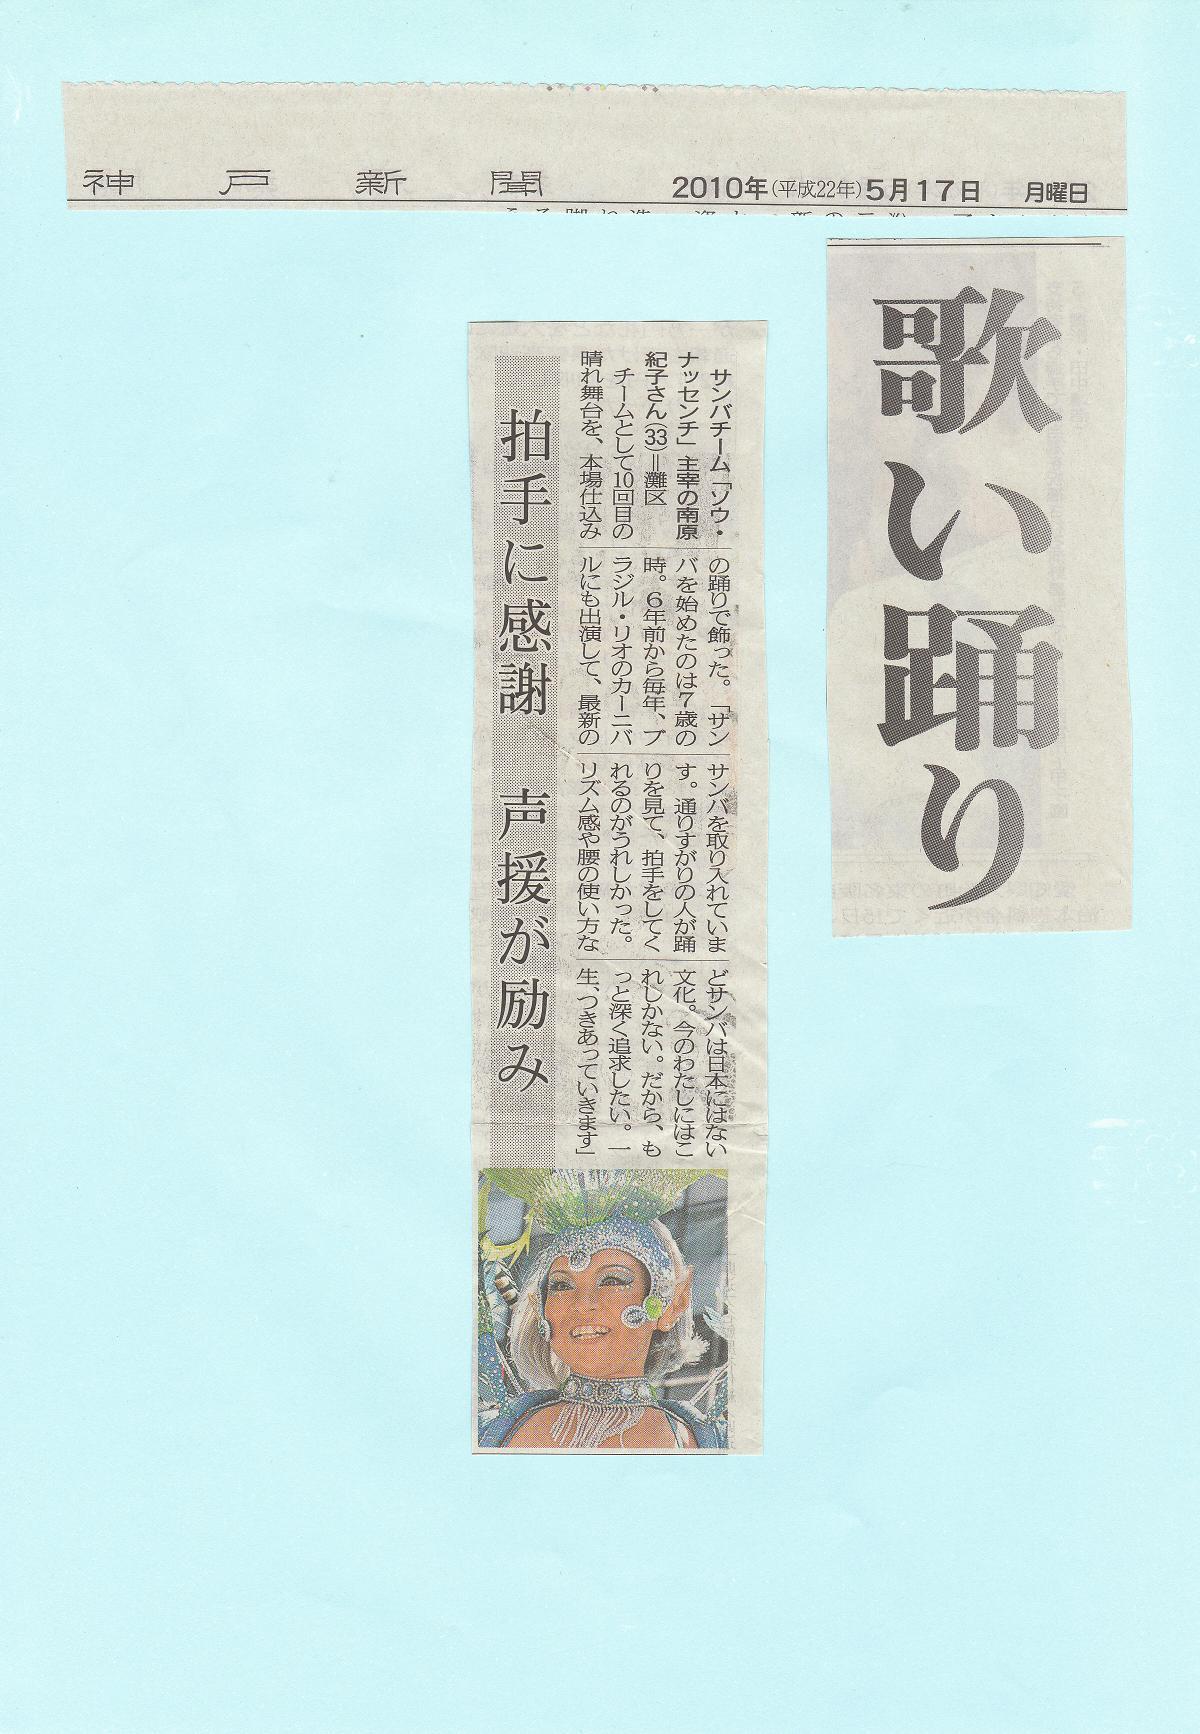 2010_05_17_kobe_shinbun.JPG